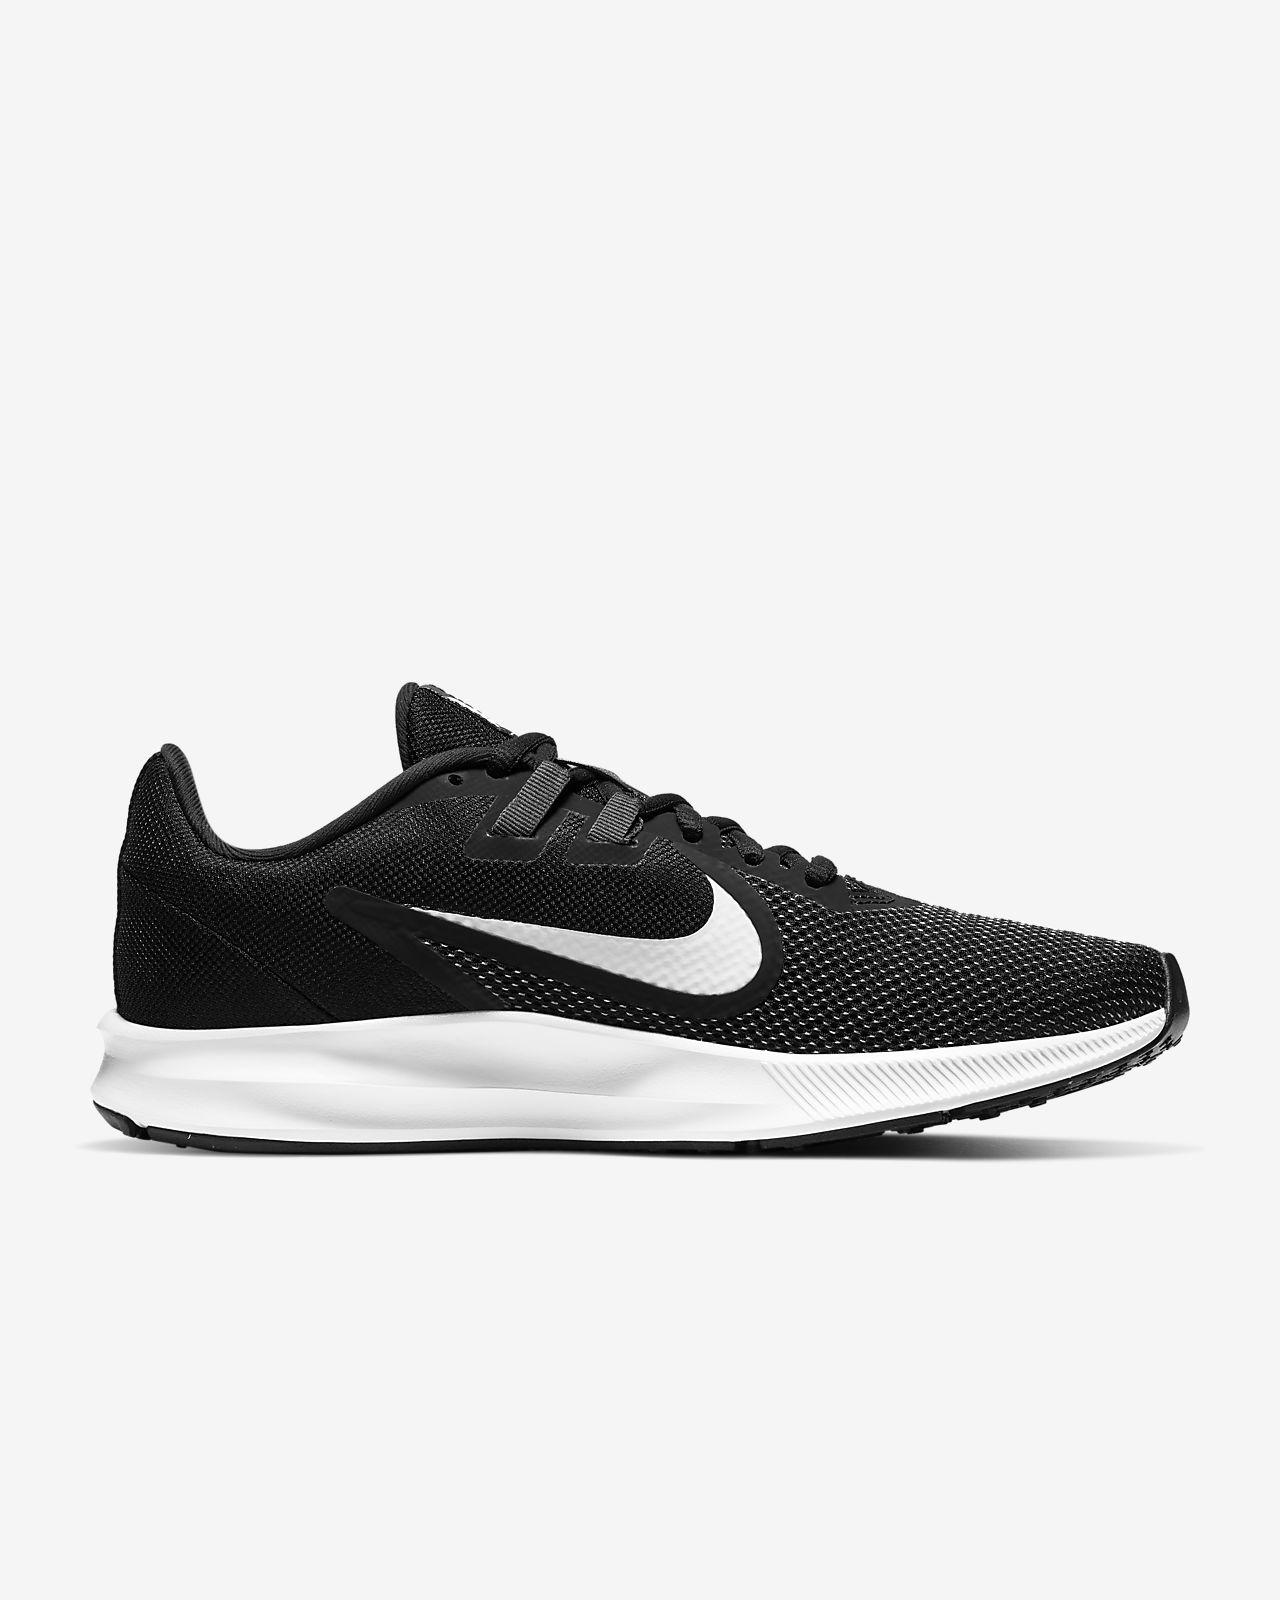 Nike Downshifter 9 Damen Laufschuh